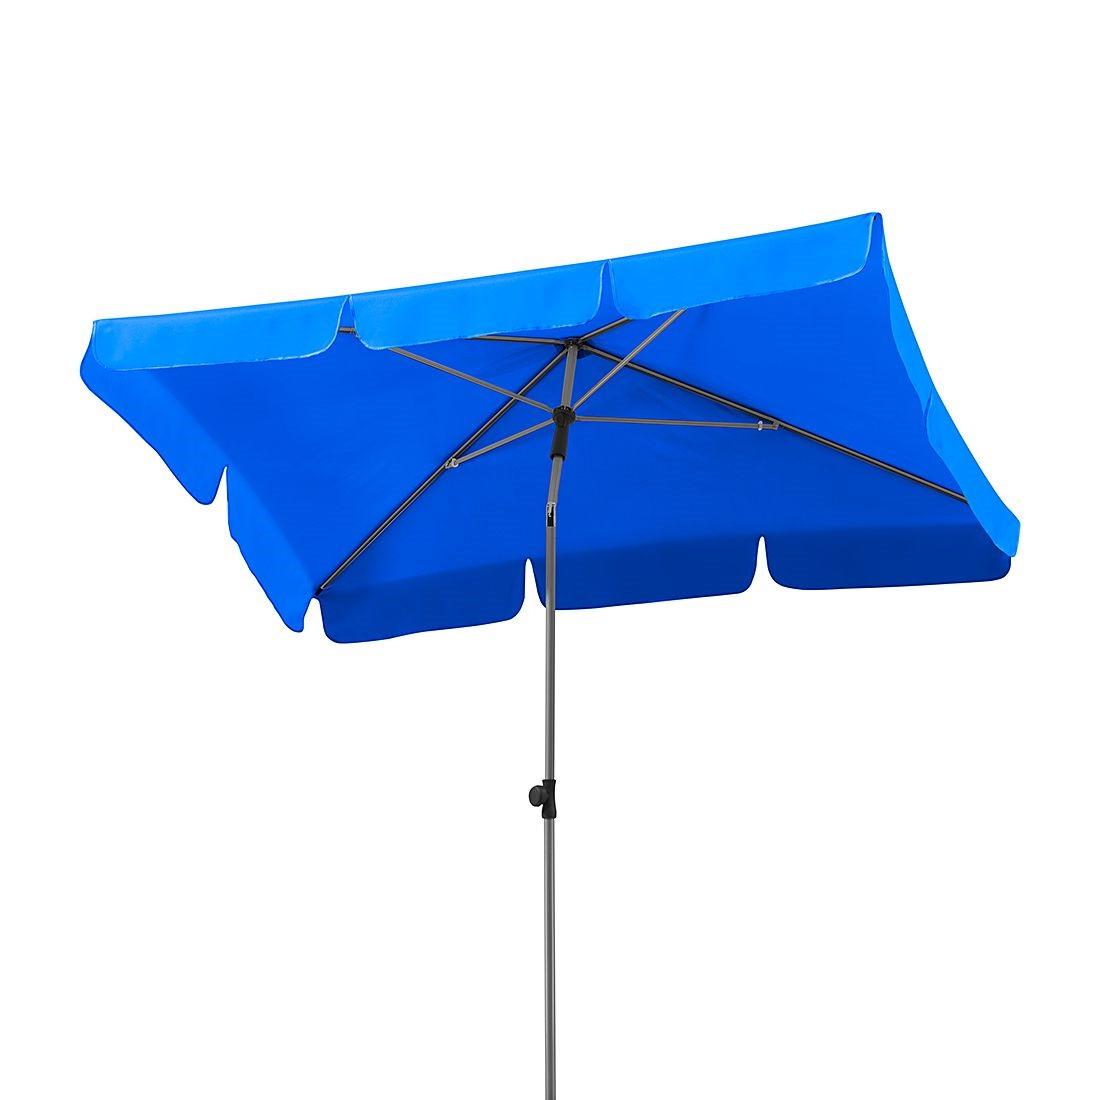 Sonnenschirm Micco III - Stahl/Polyester - Silber/Royalblau, Schneider Schirme